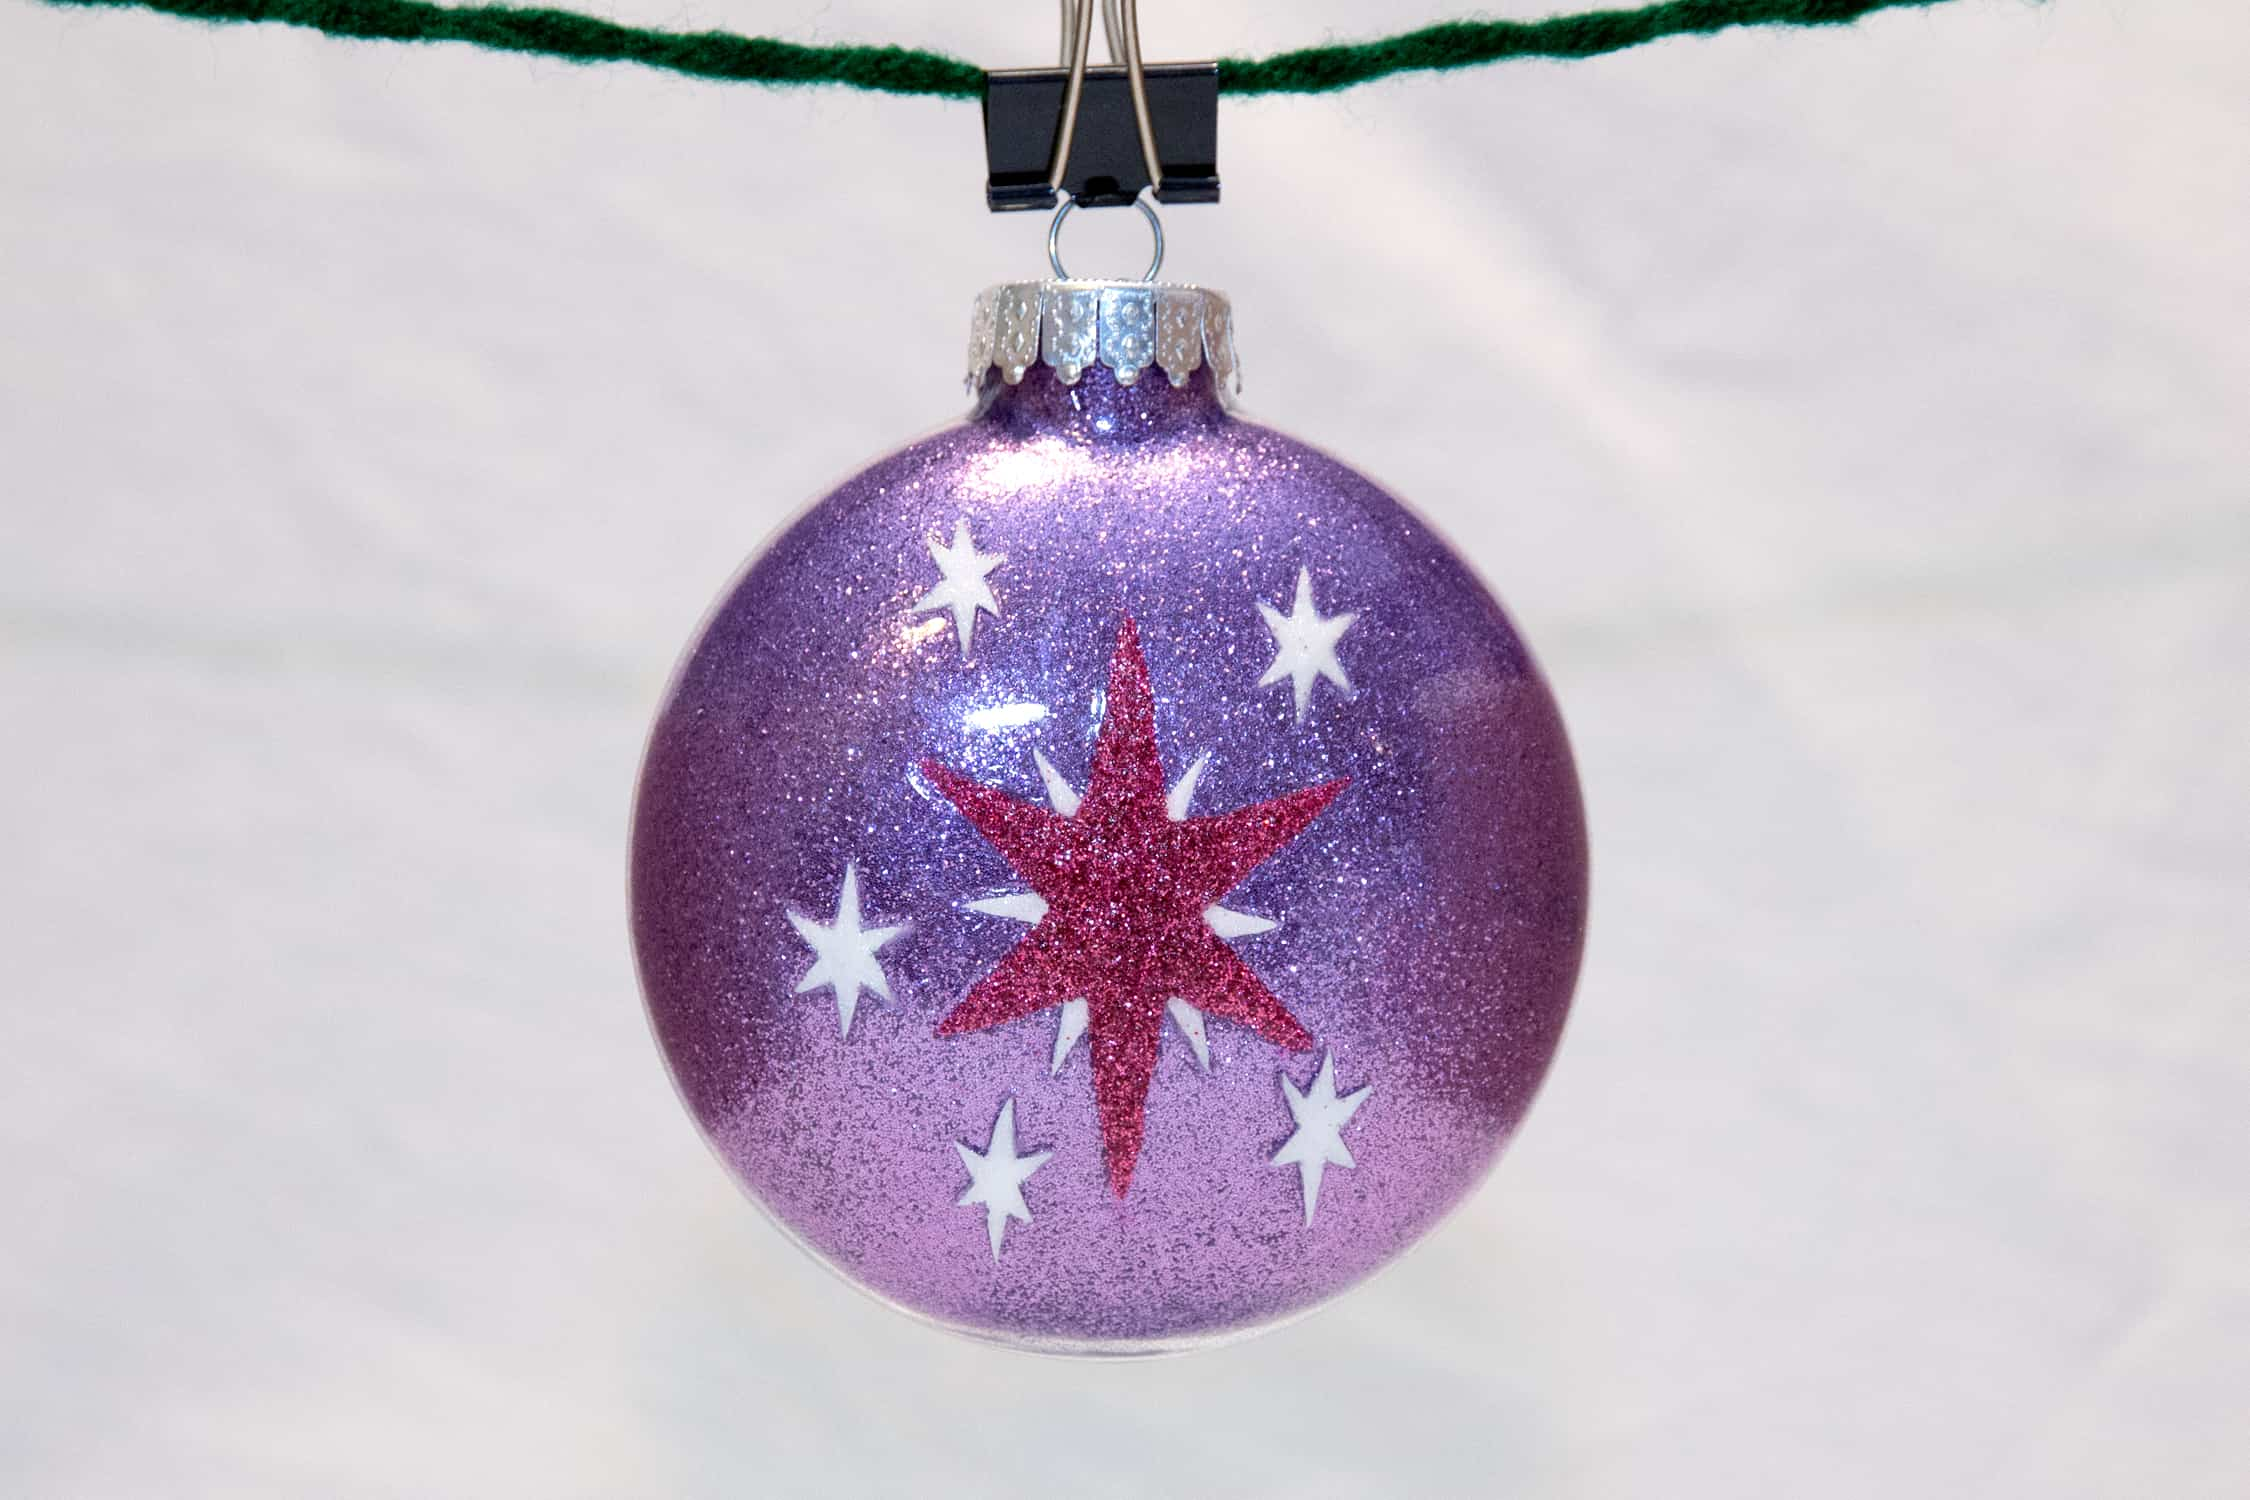 bola de navidad decorada con glitter